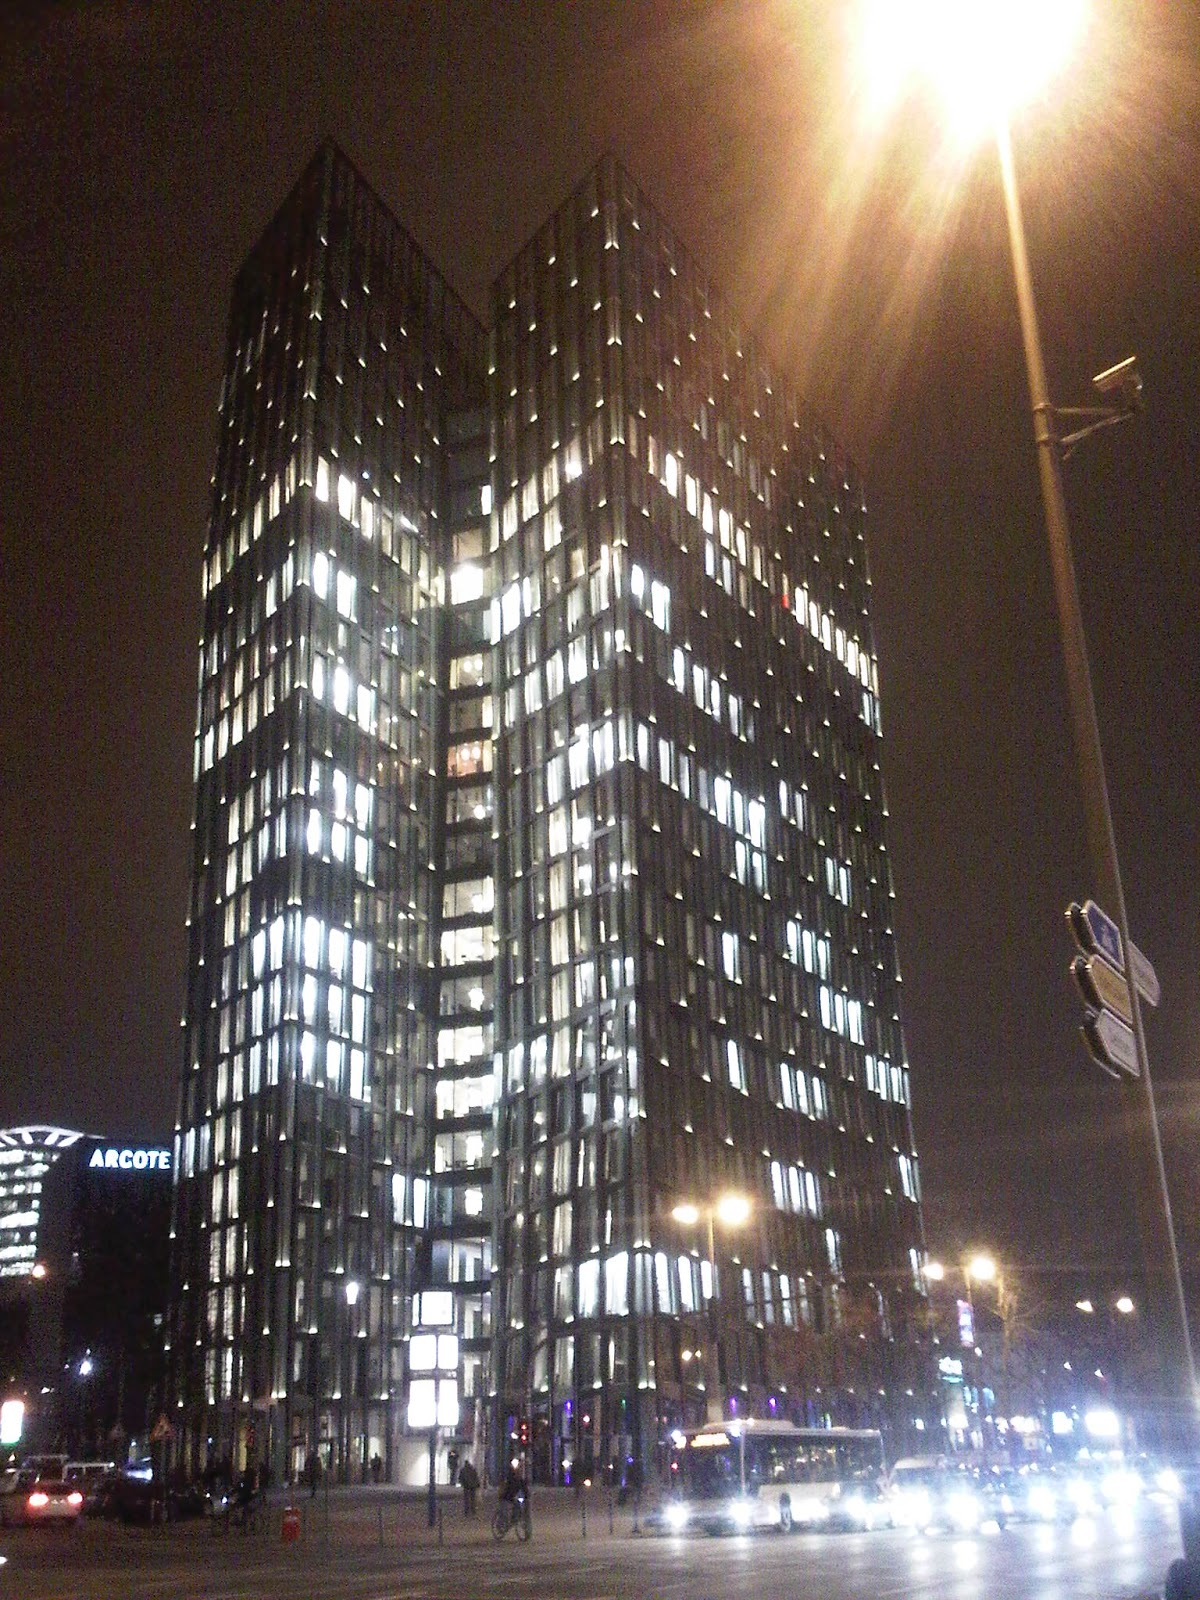 Tanzende Türme bei Nacht - Hamburg - von U-Bahn-Station St. Pauli aus